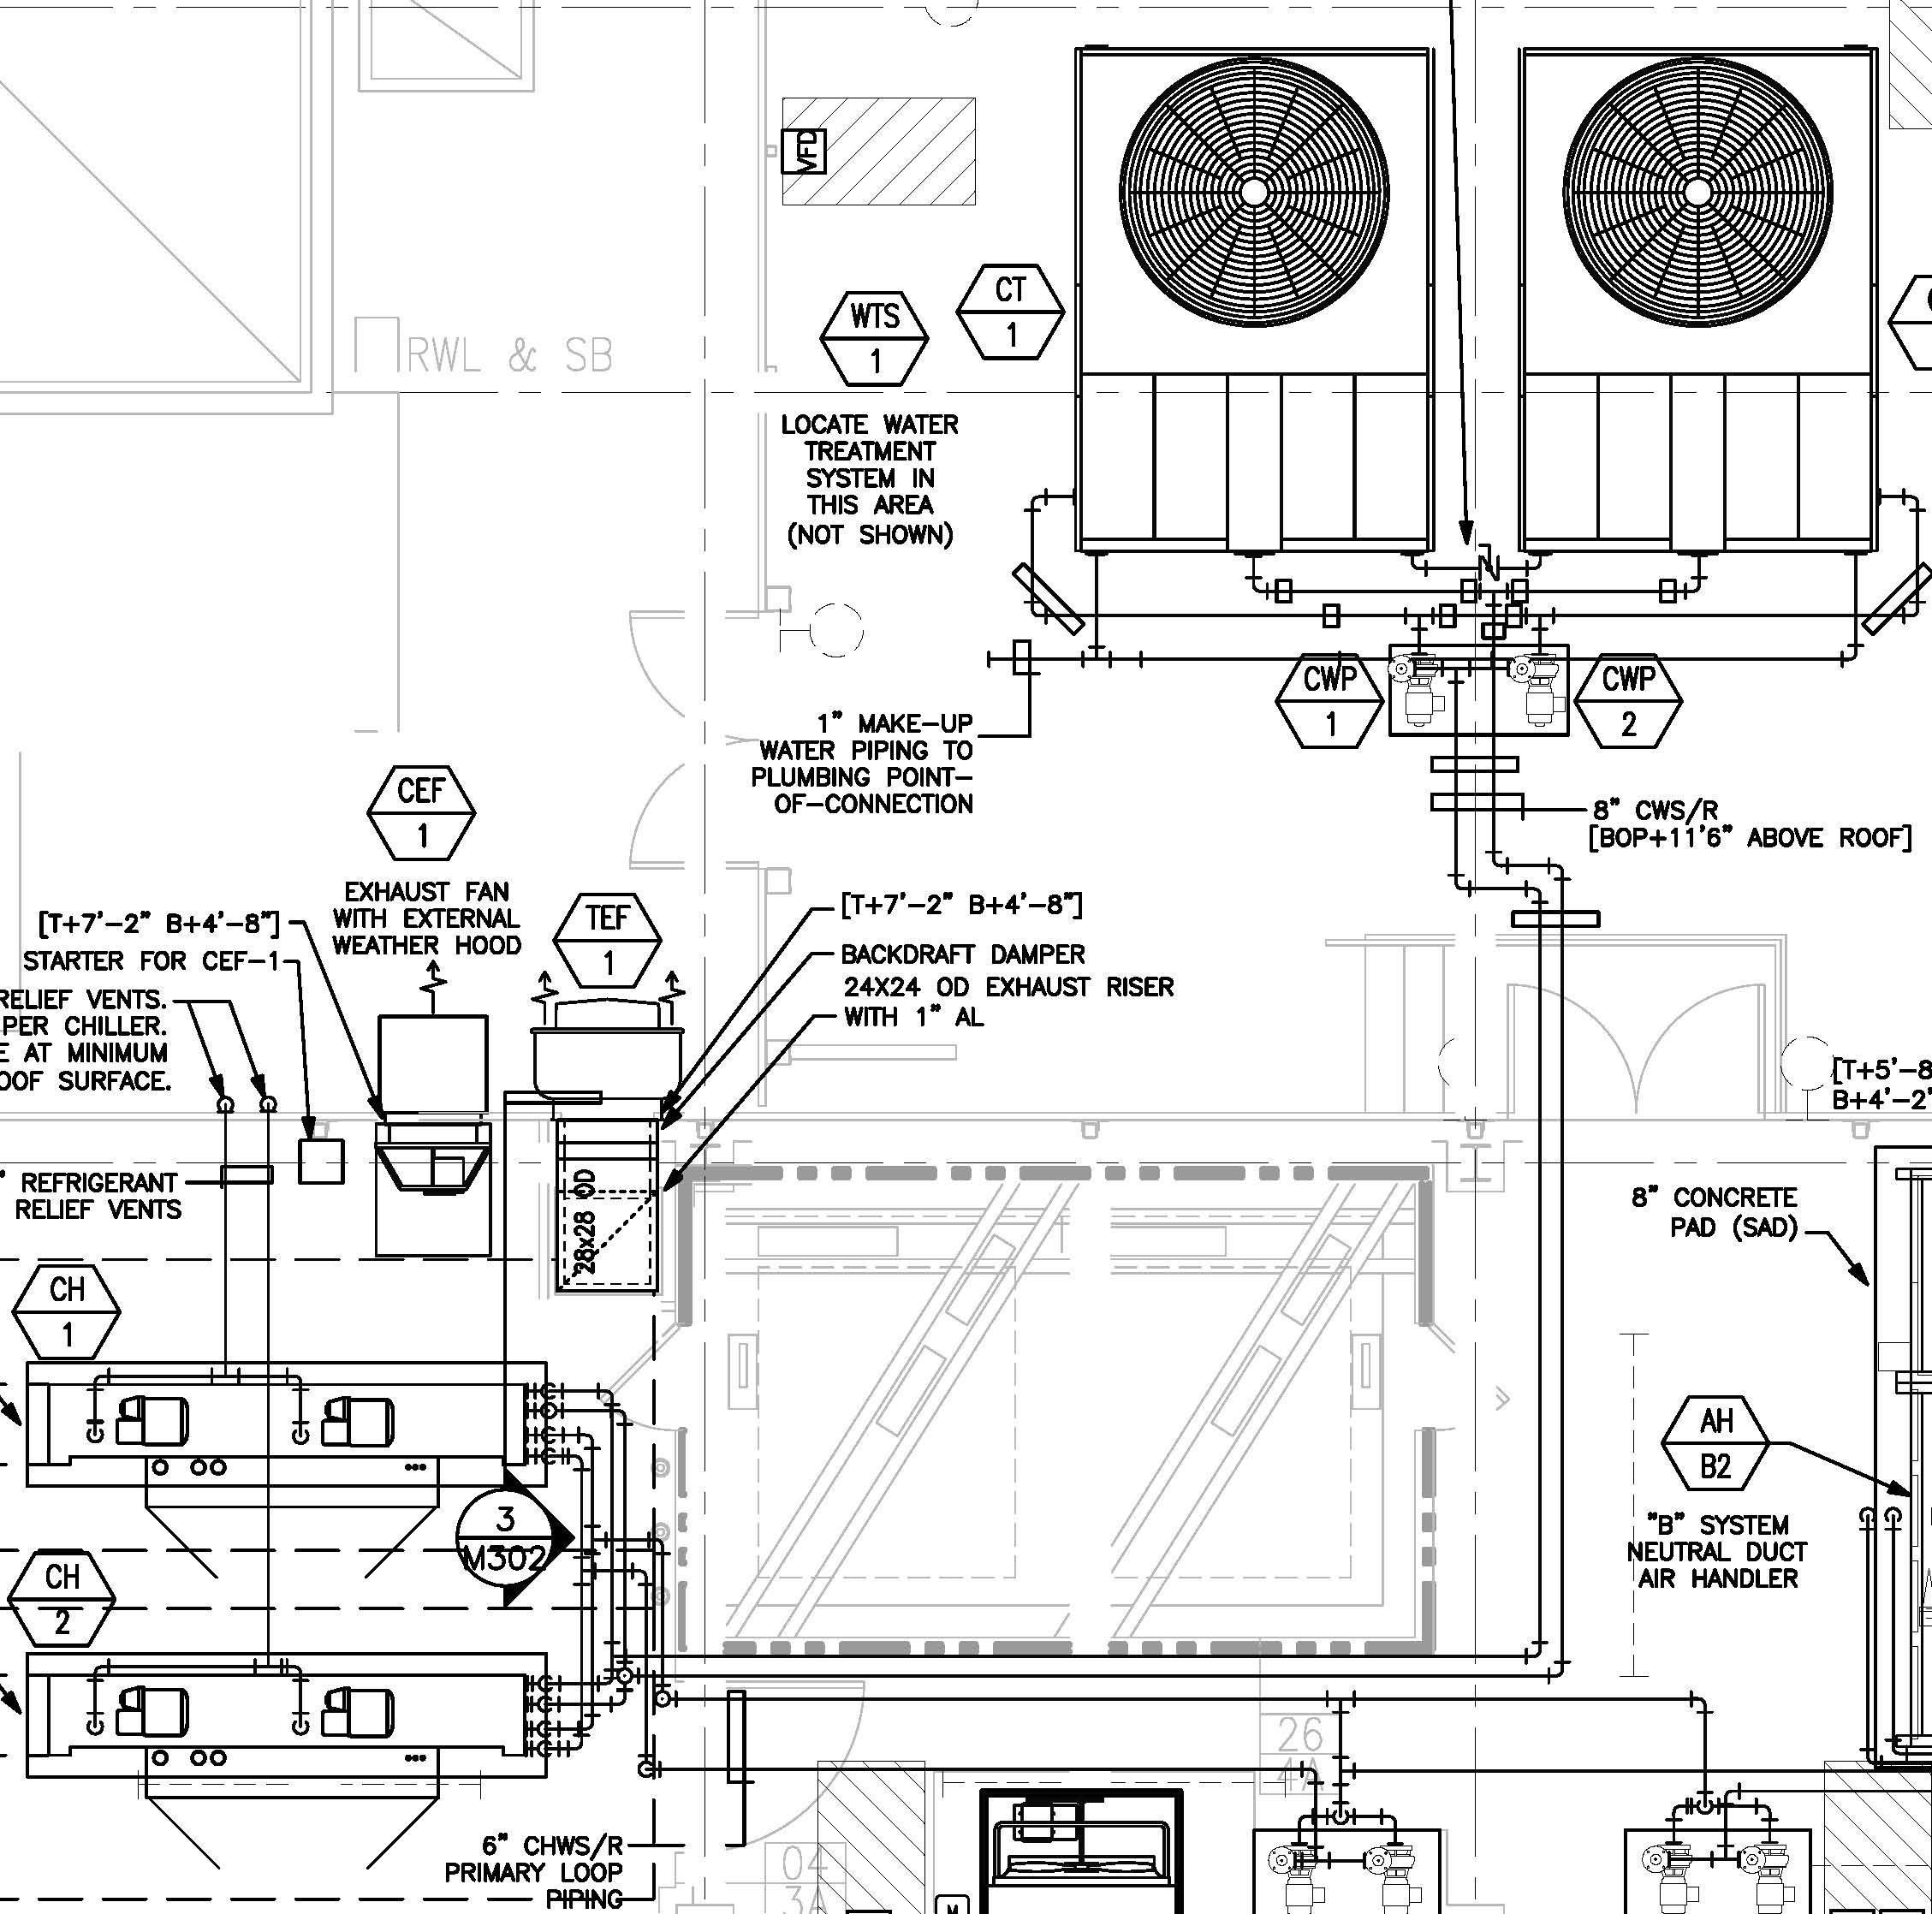 Ac Wiring Diagram Pdf | Wiring Diagram - Ac Wiring Diagram Pdf